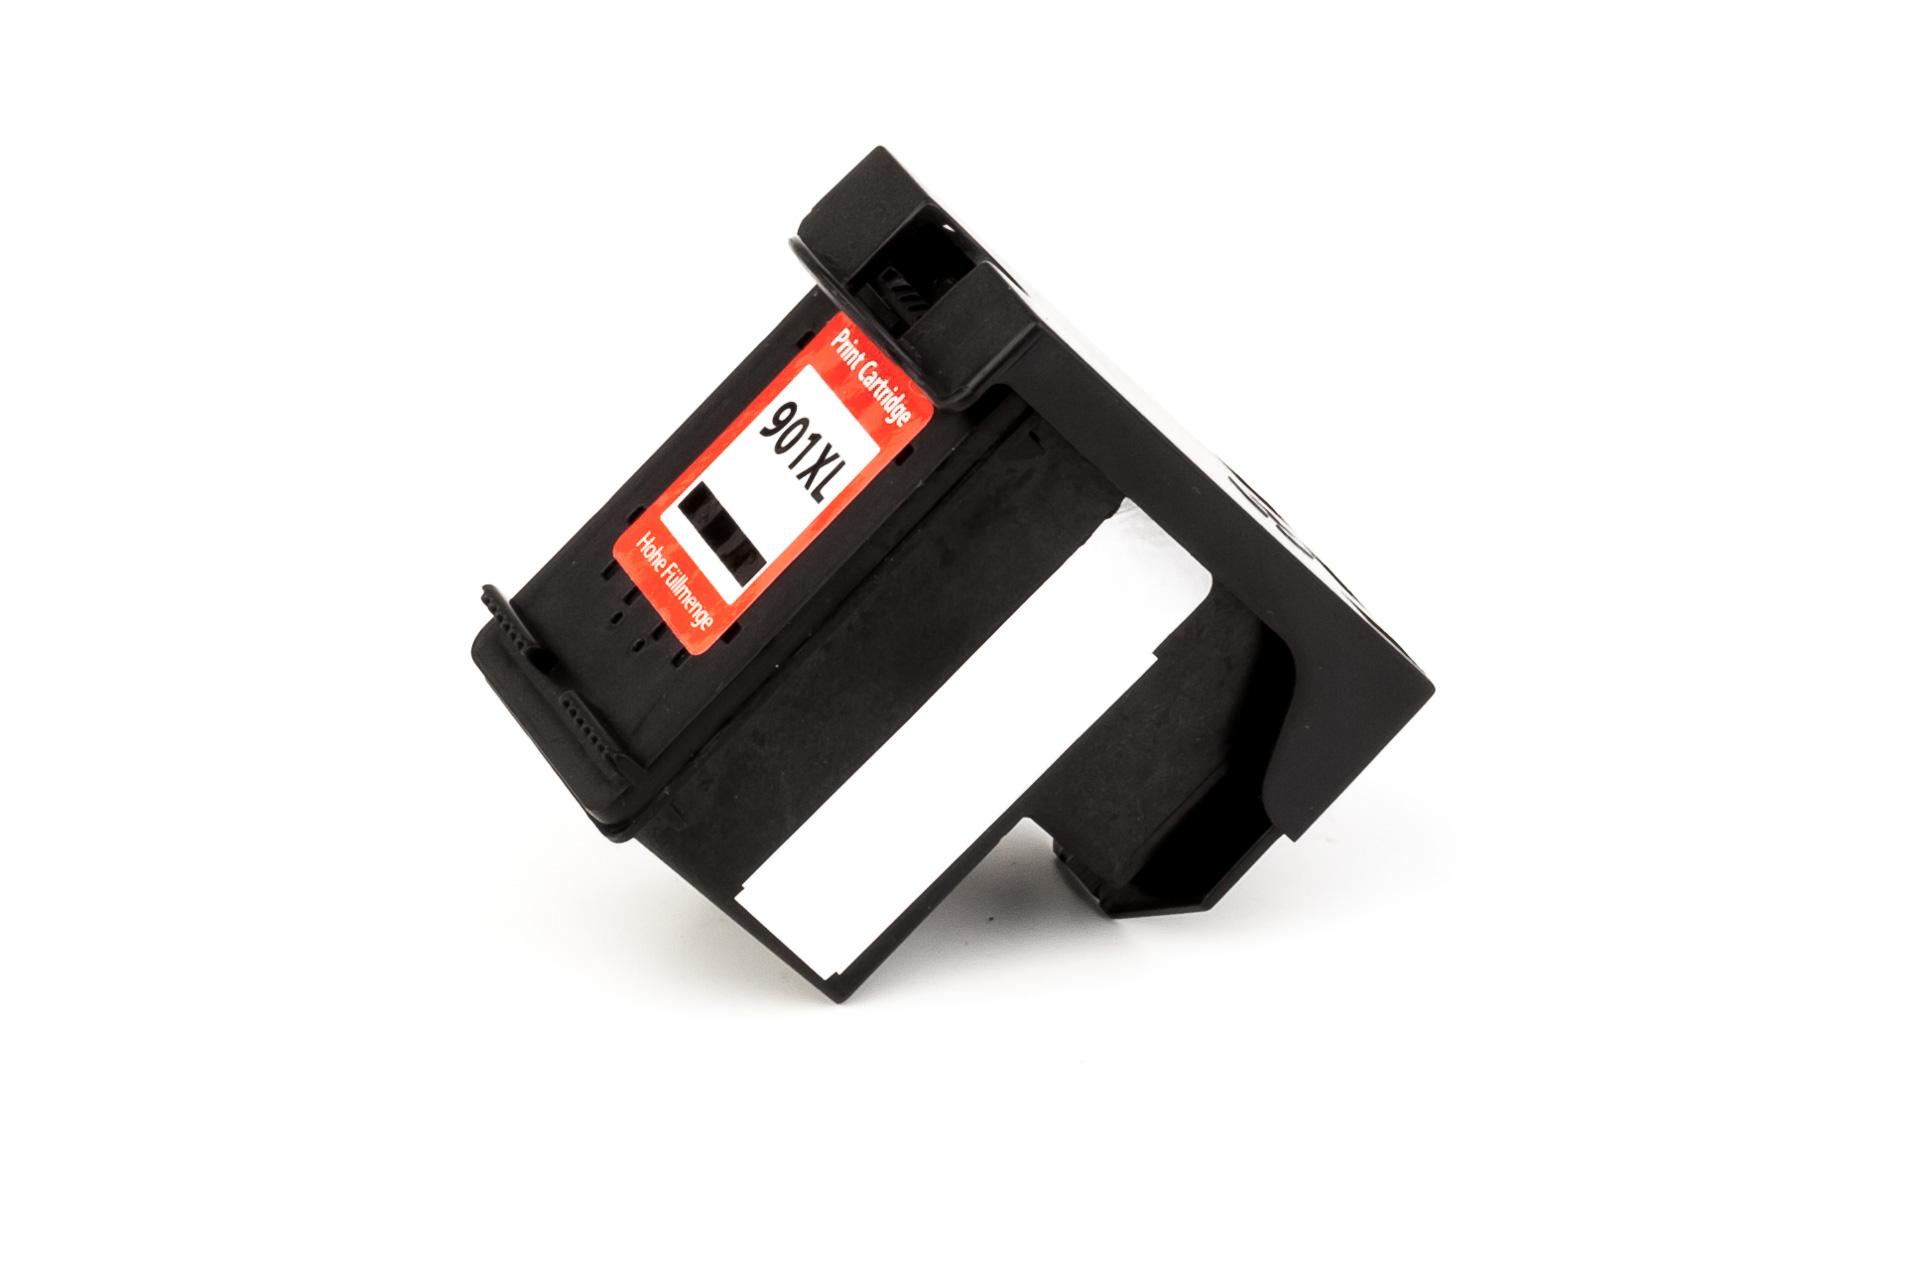 ASC-Premium-Druckkopf für HP OfficeJet 4500 Wireless schwarz OfficeJet 4500 Wireless OfficeJet4500Wireless